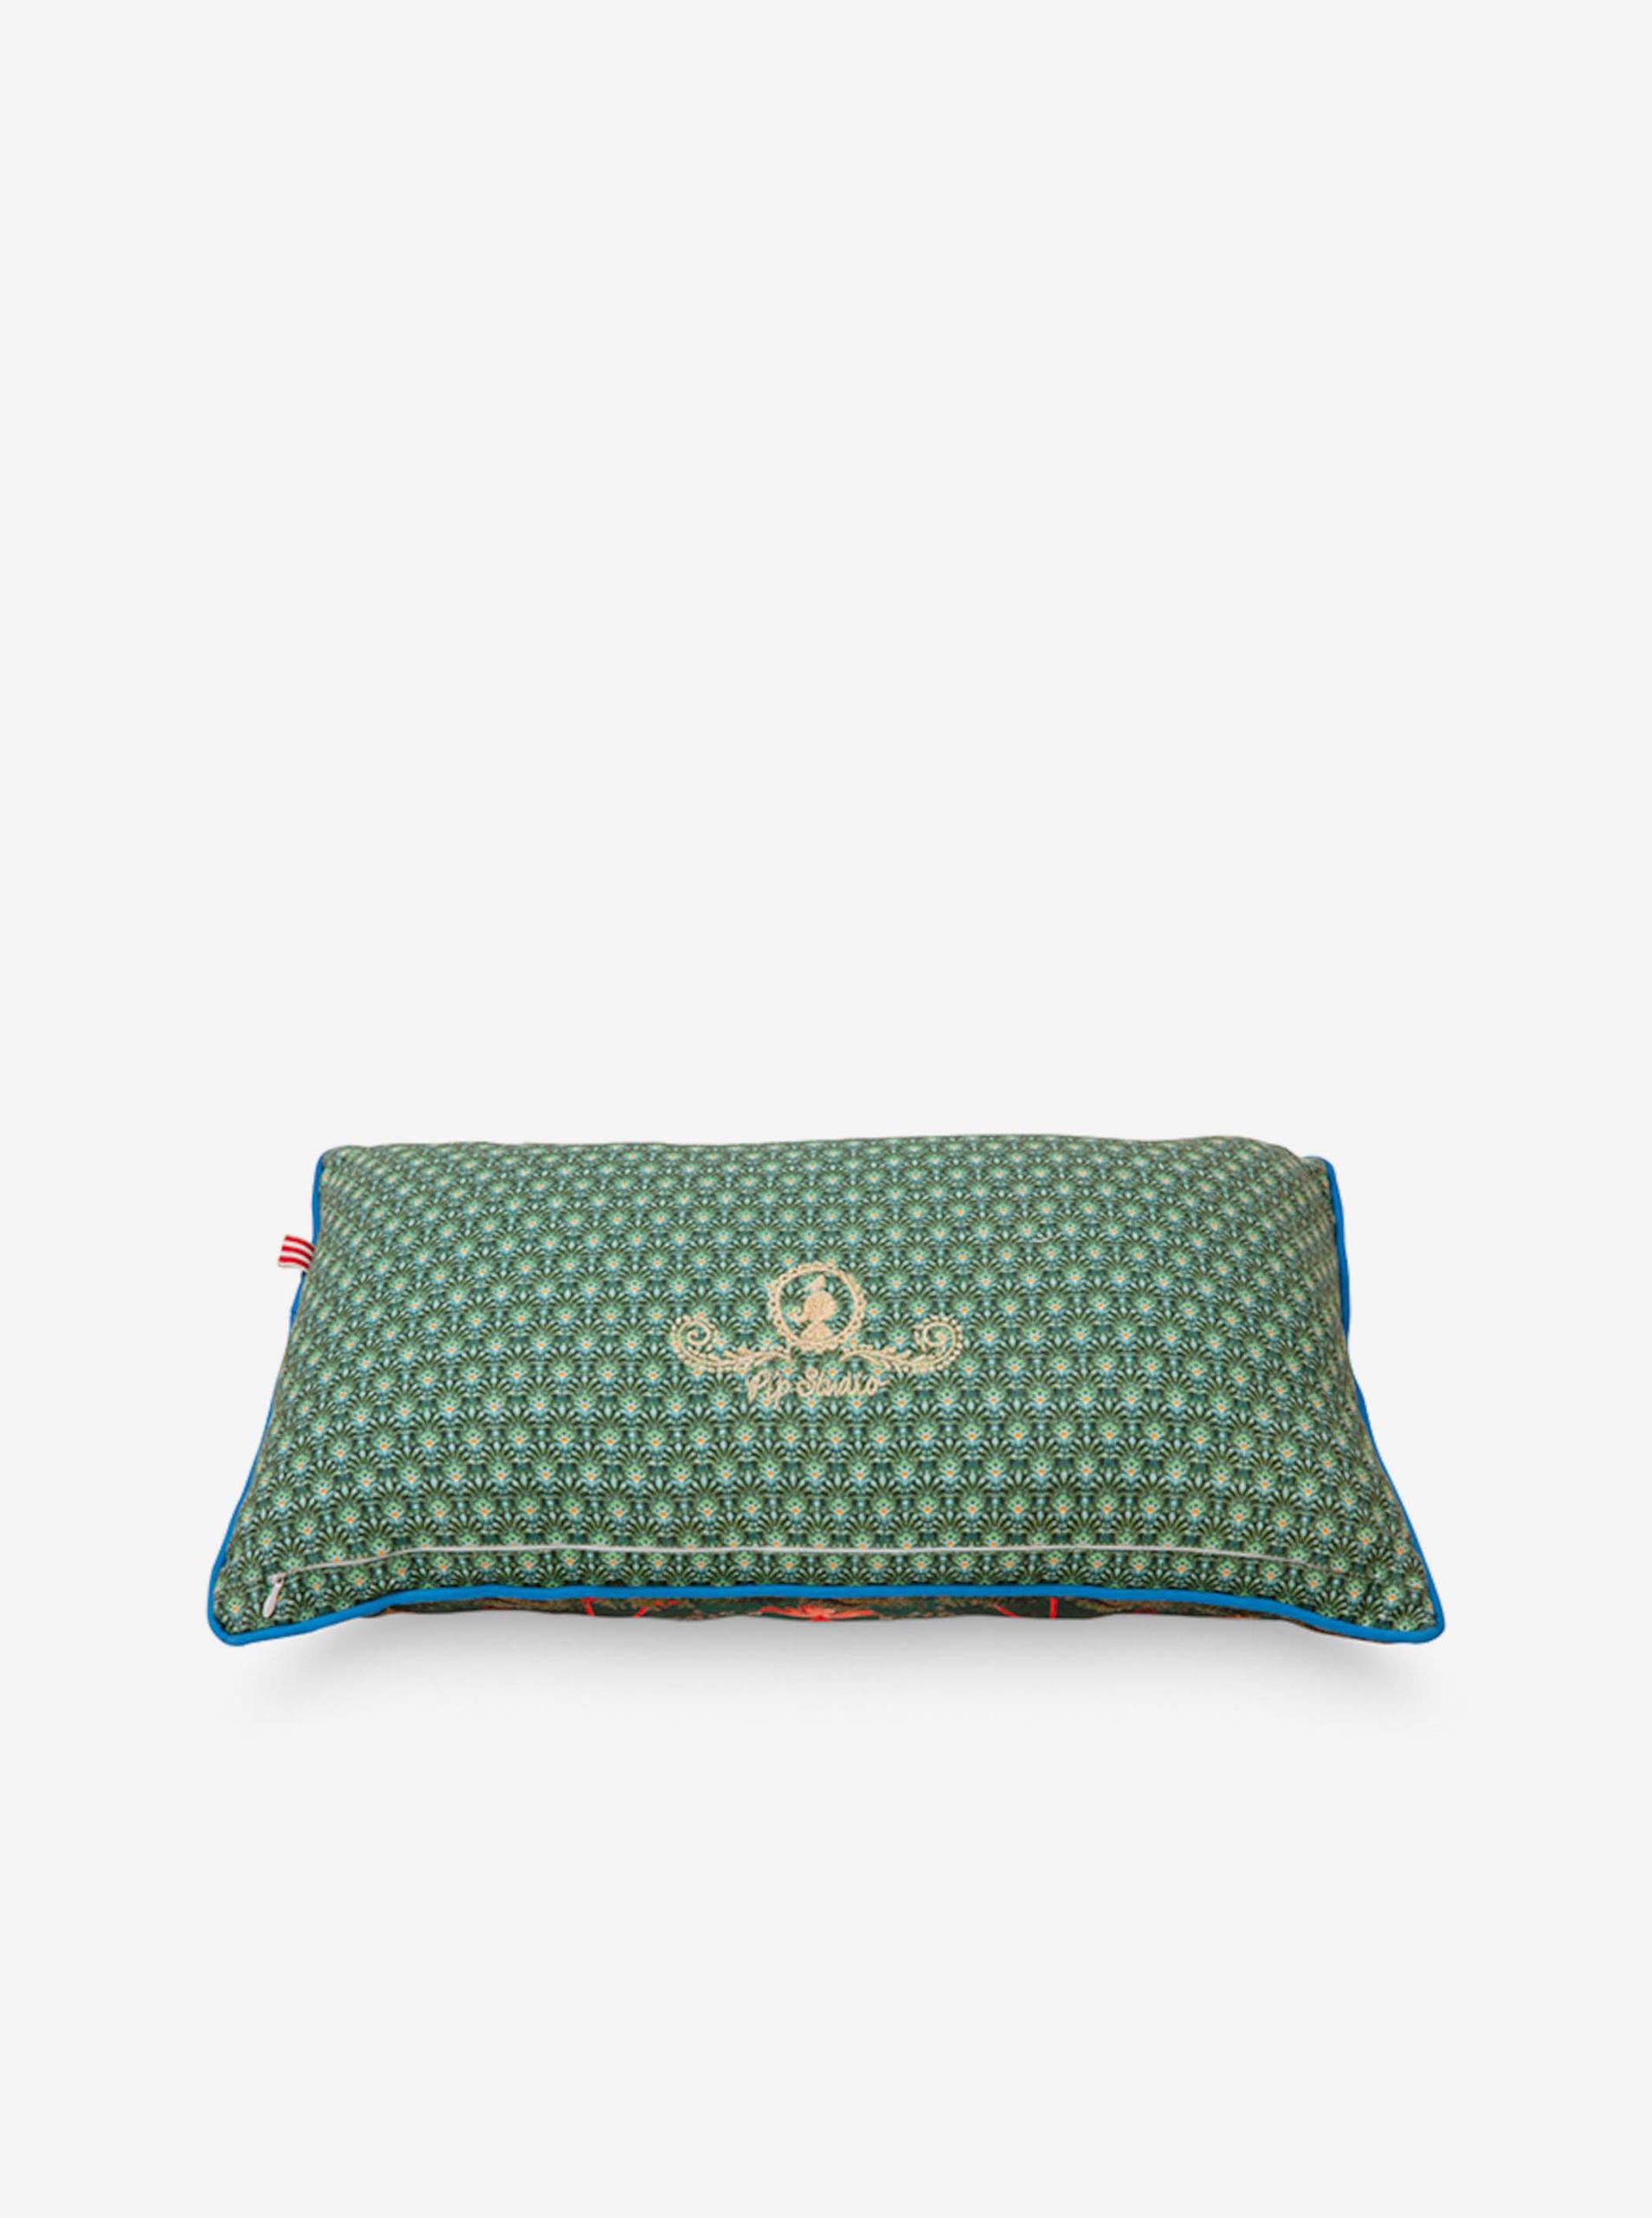 Tmavě zelený dekorativní polštář PiP studio Homage Green